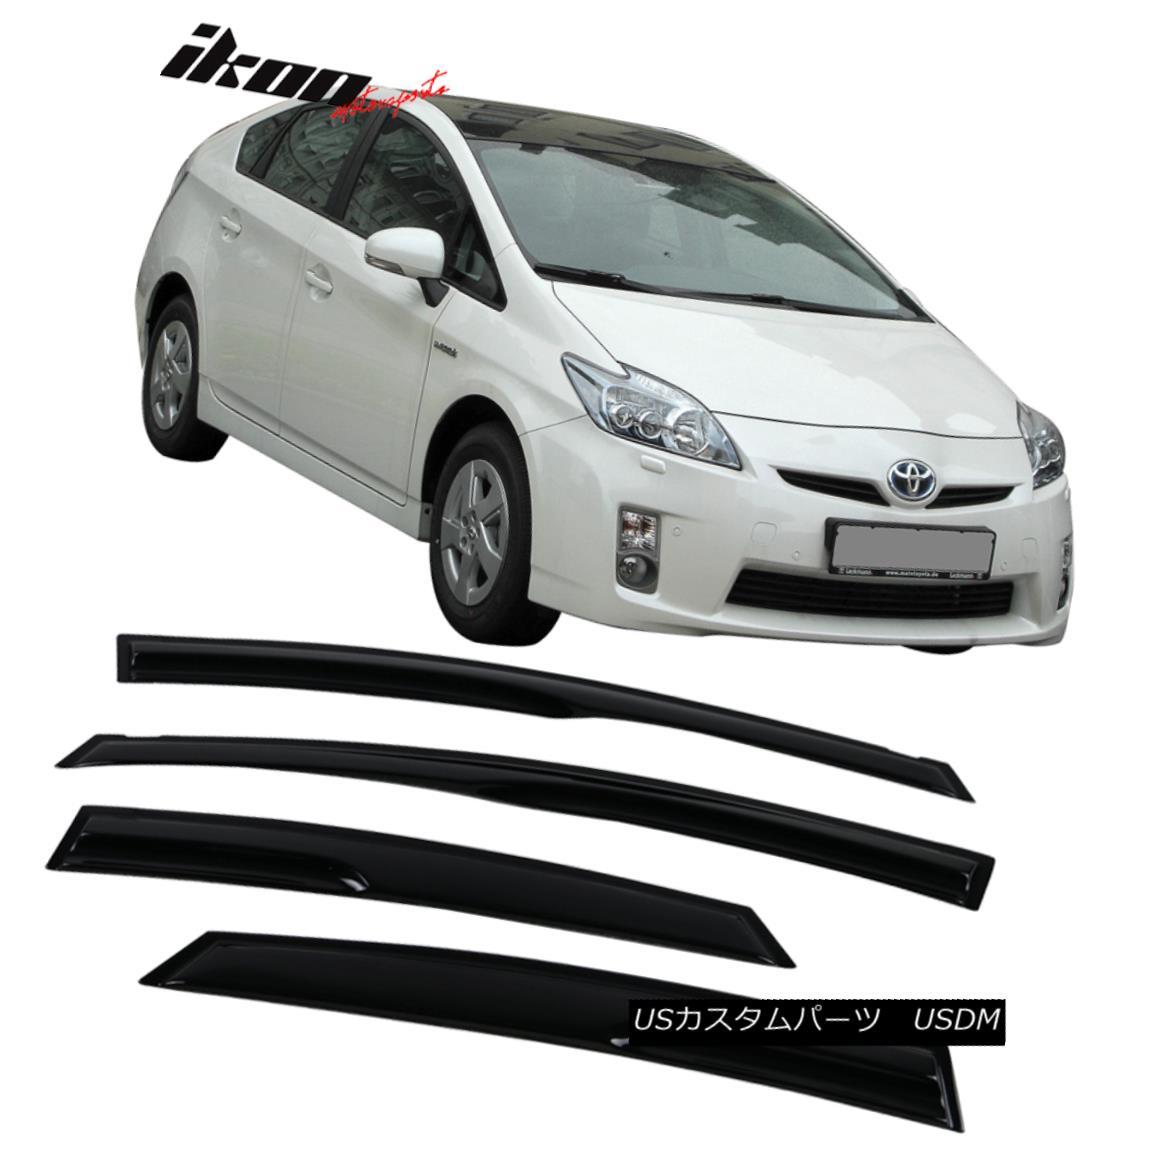 注目のブランド エアロパーツ Fits 10-15 Toyota Prius Mugen Style Acrylic Window Visors 4Pc Set トヨタ自動車プリウス・ミュゲスタイルのアクリルウインドウバイザー4個セット, アングラーズショップ ライジング 44958b8a